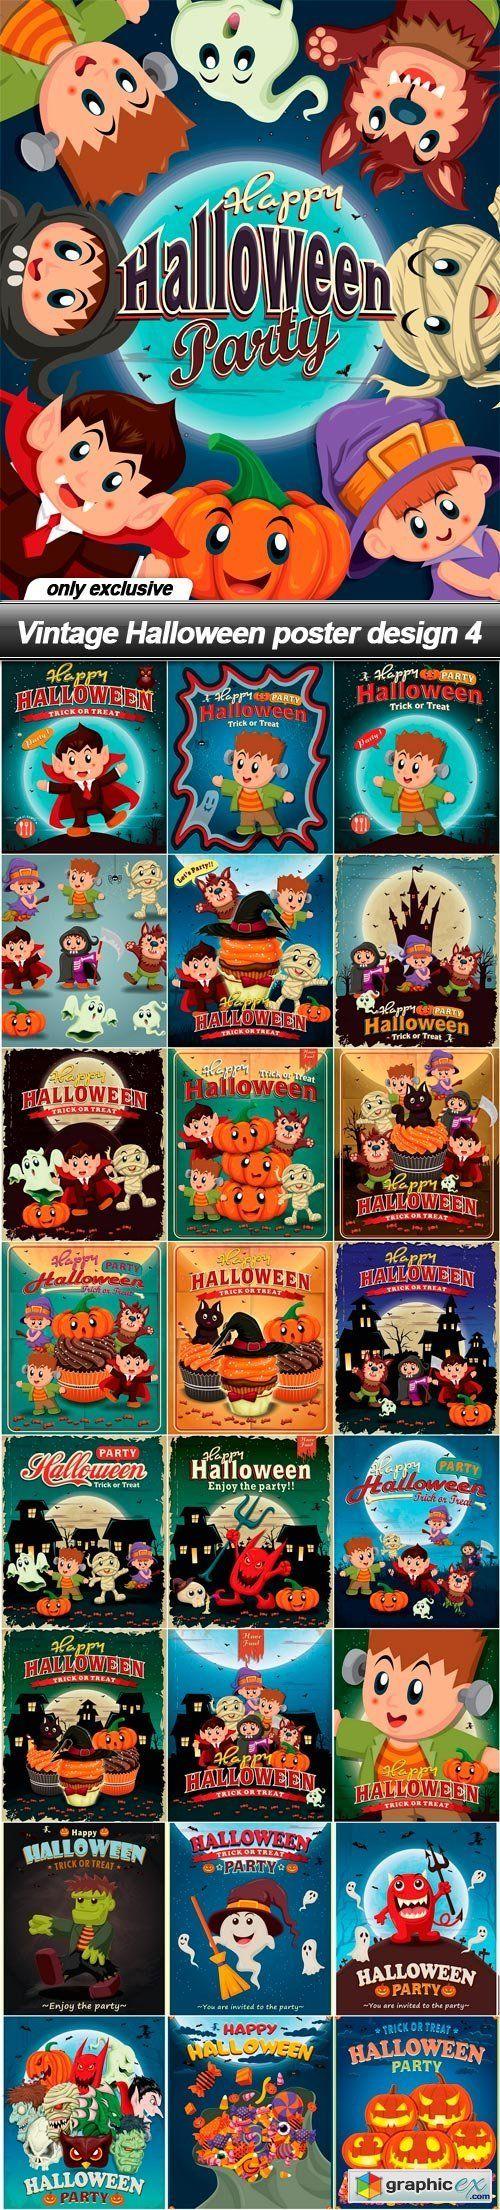 Poster design eps - Vintage Halloween Poster Design 4 25 Eps